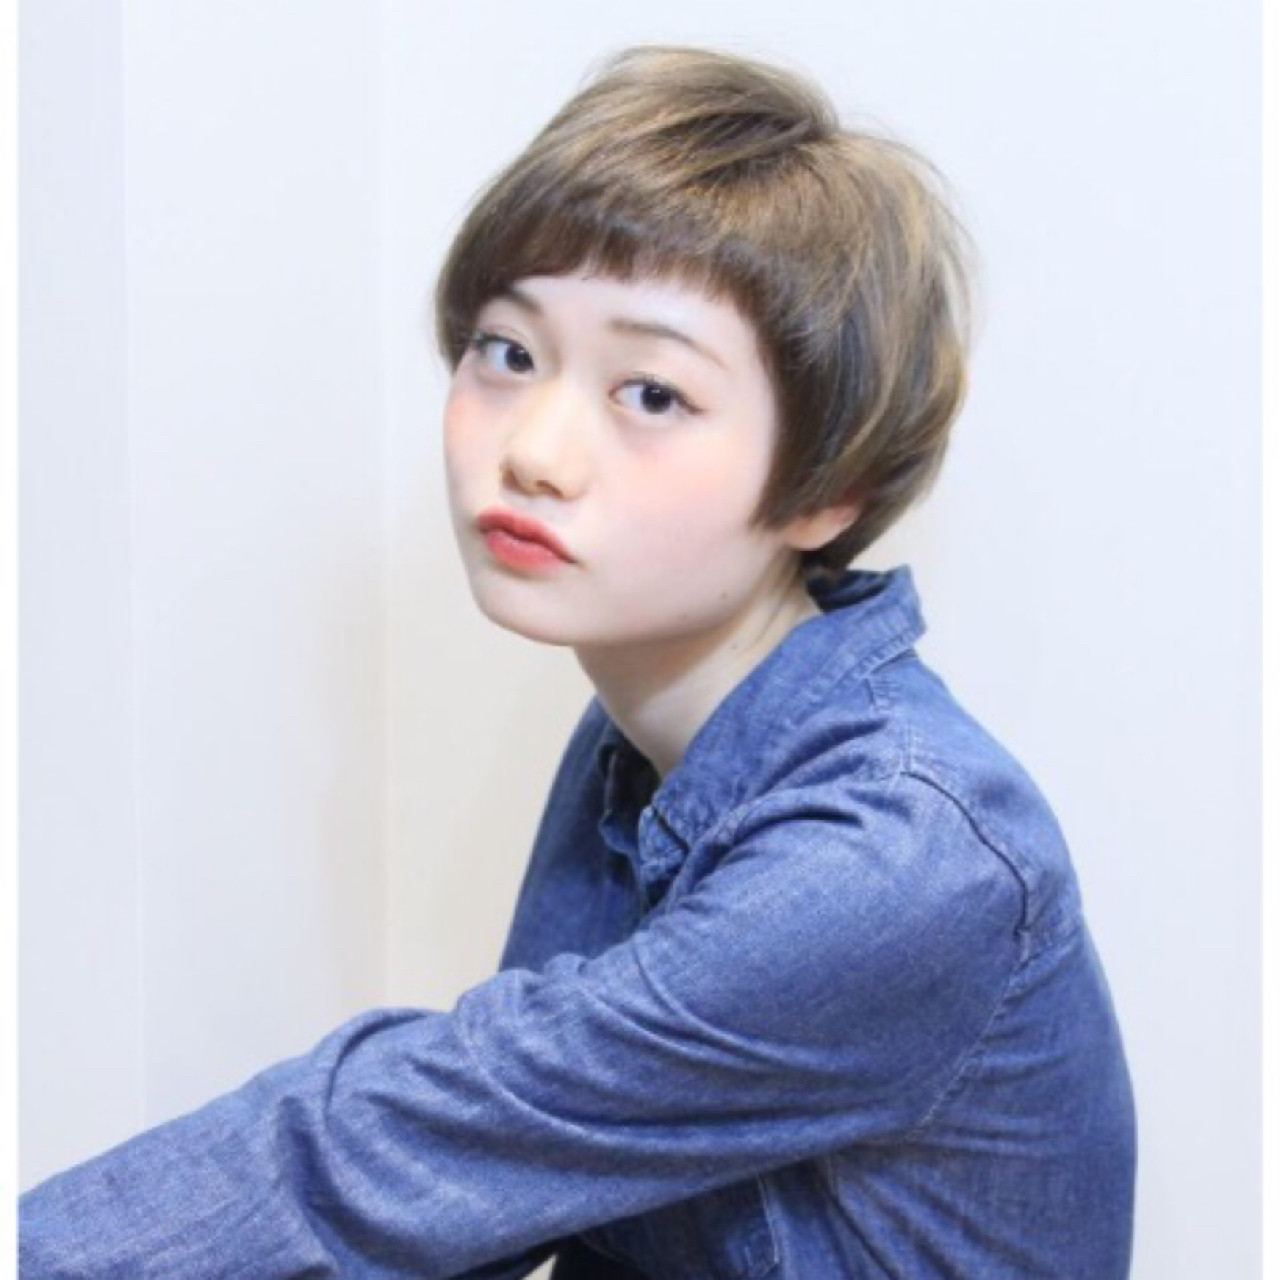 ベリーショート オン眉 ナチュラル ショート ヘアスタイルや髪型の写真・画像